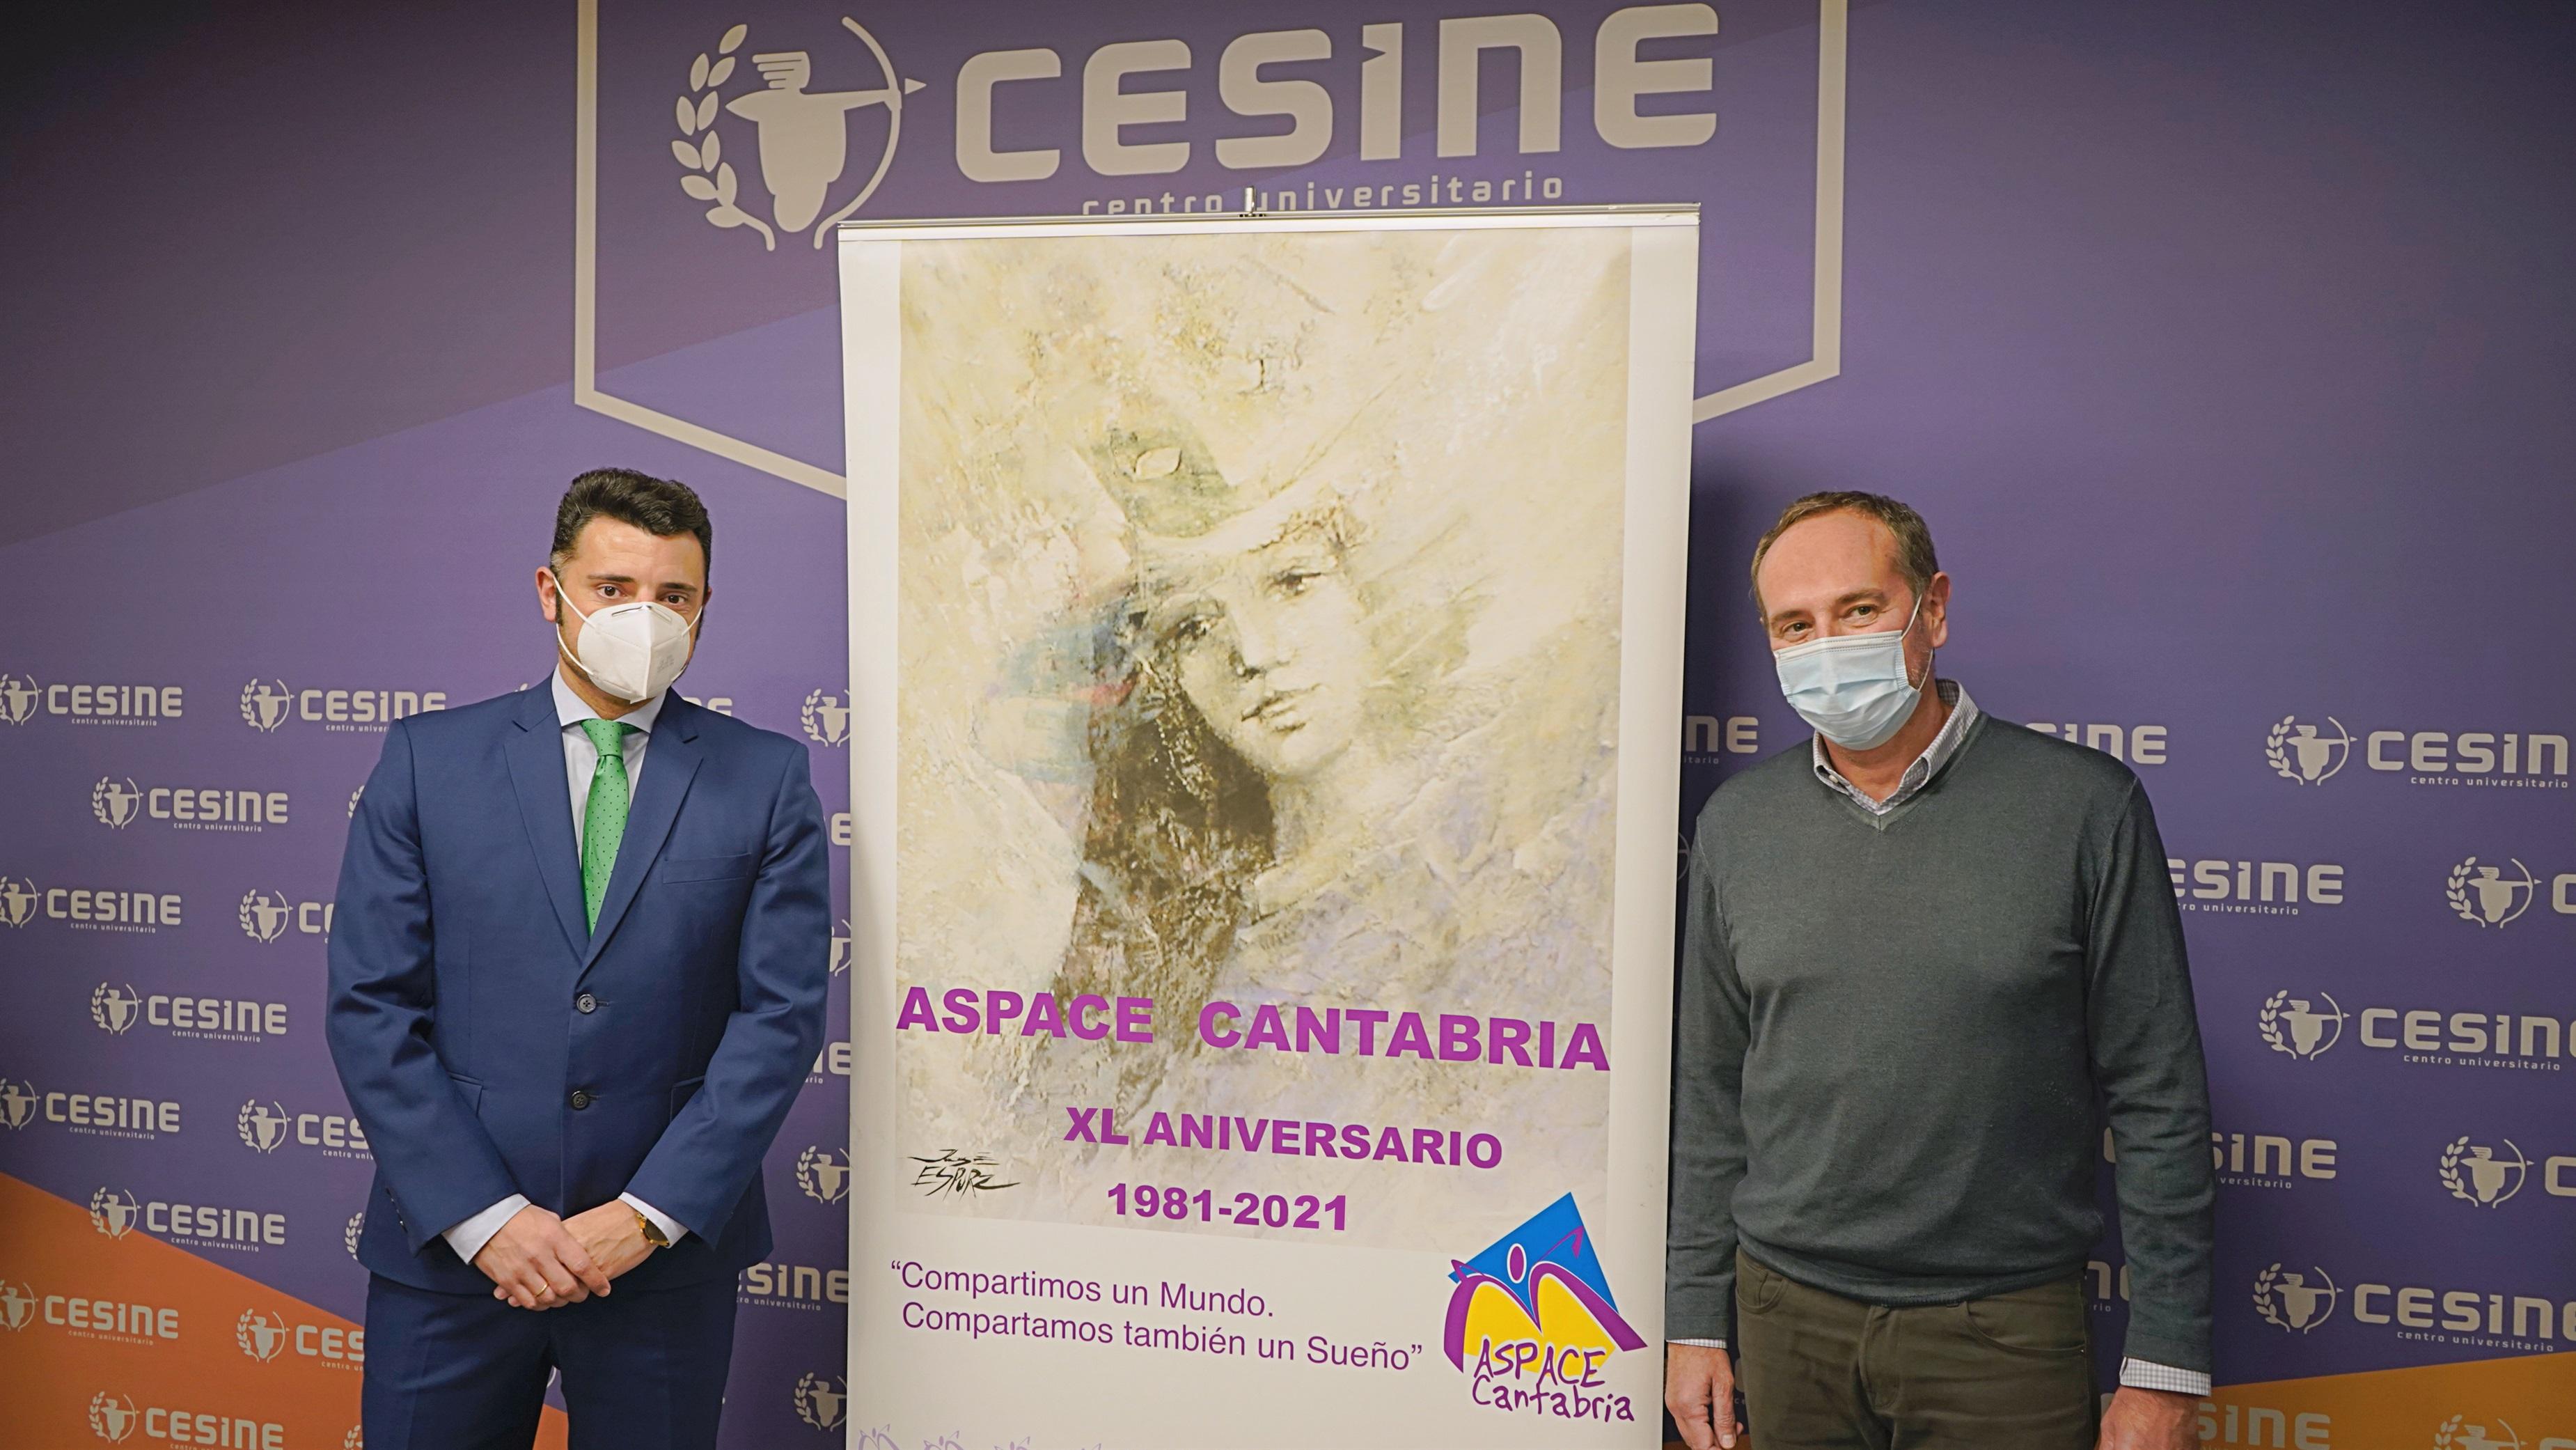 Cesine y Aspace colaborarán en la difusión de la labor de la asociación